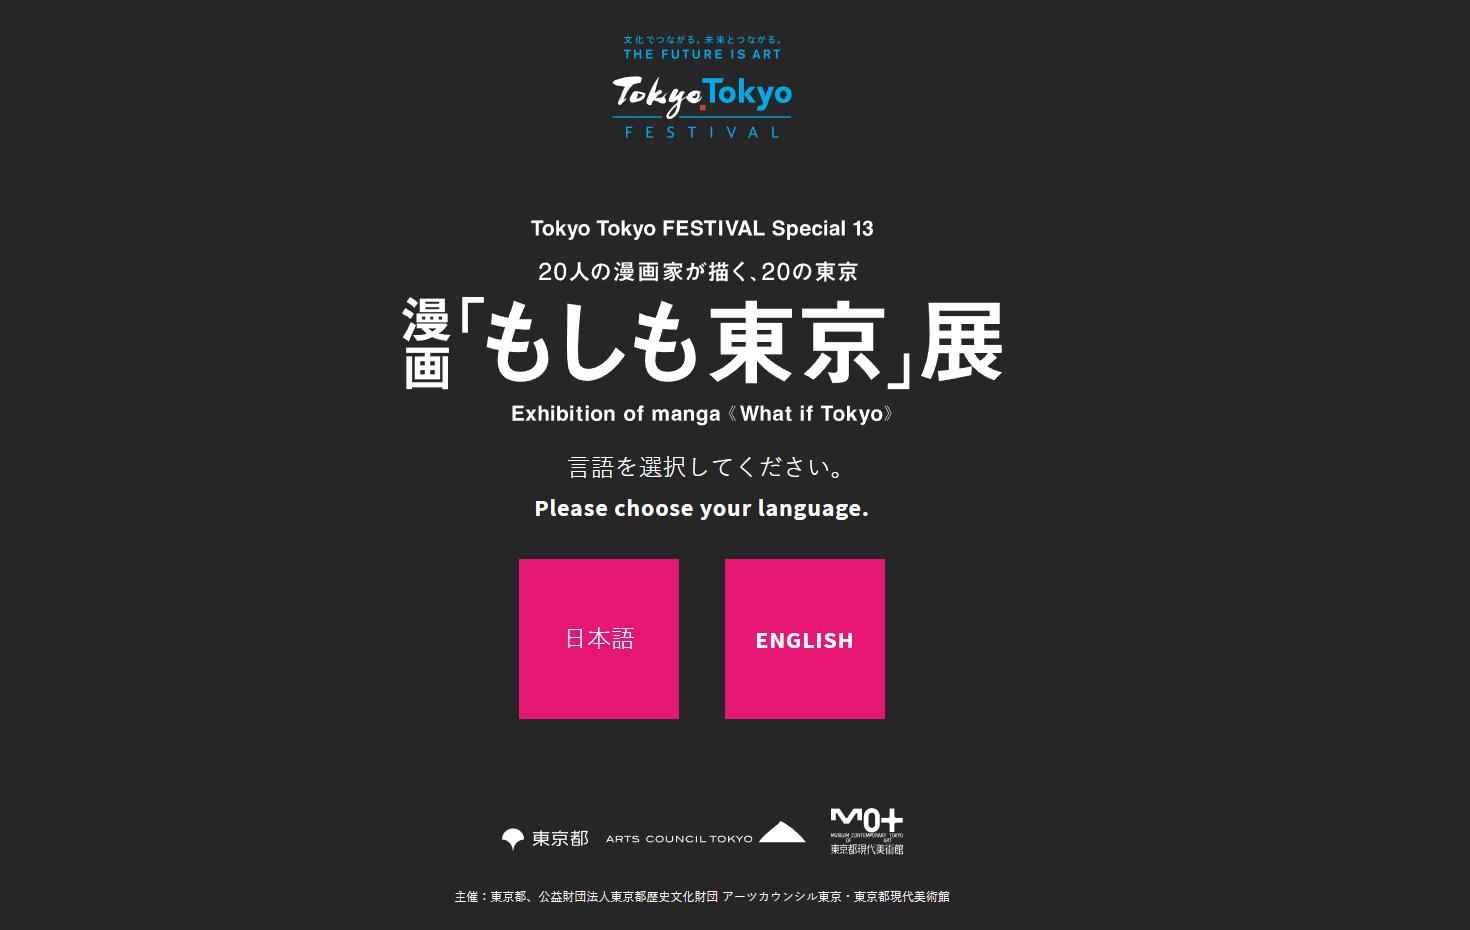 """""""漫画《如果东京》展""""参与作者阵容发表 Tokyo Tokyo FESTIVAL ACG资讯"""